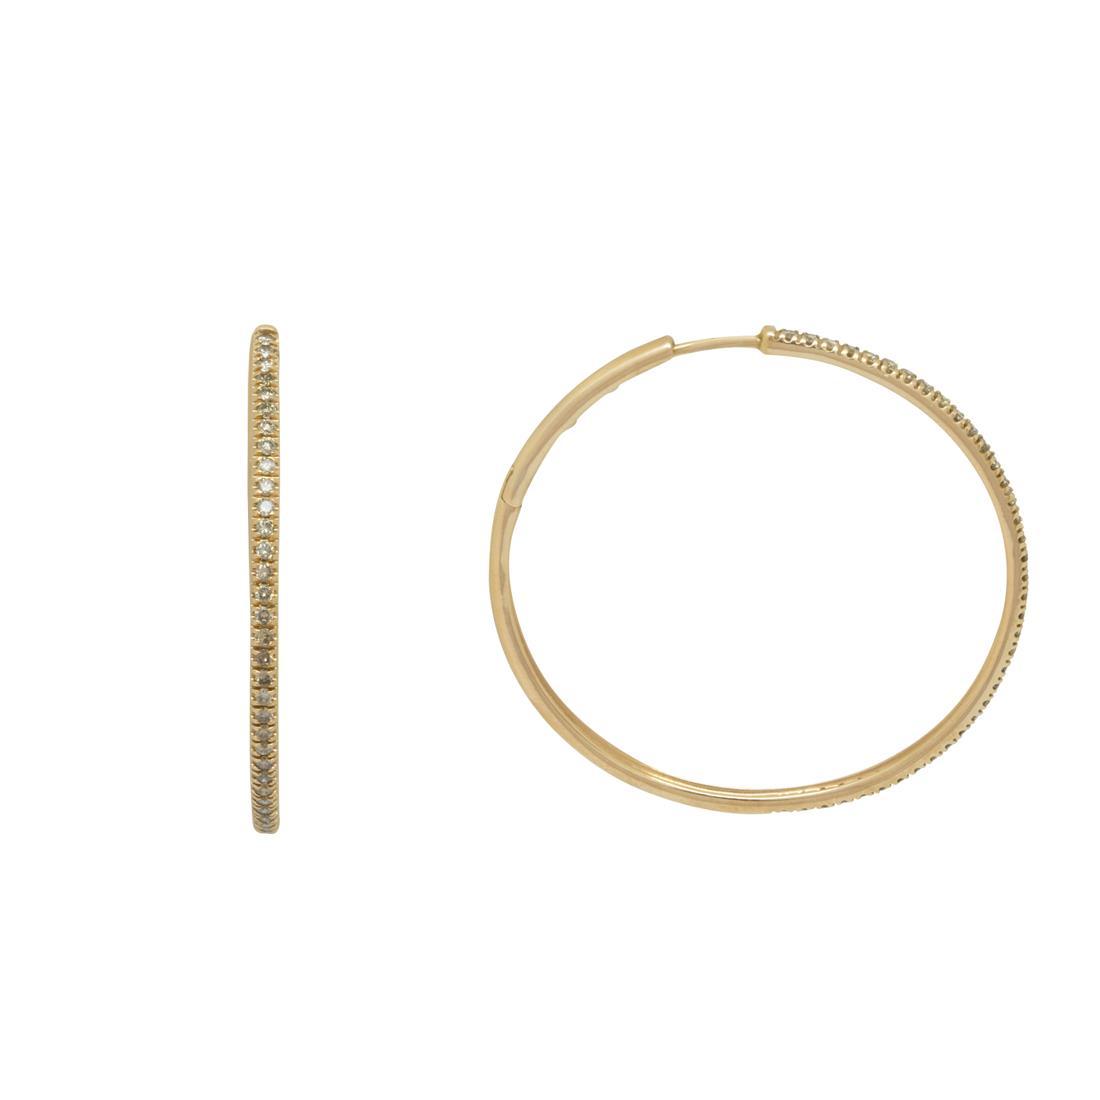 Orecchini a cerchio in oro rosa con diamanti 0.80 ct - ALFIERI & ST. JOHN